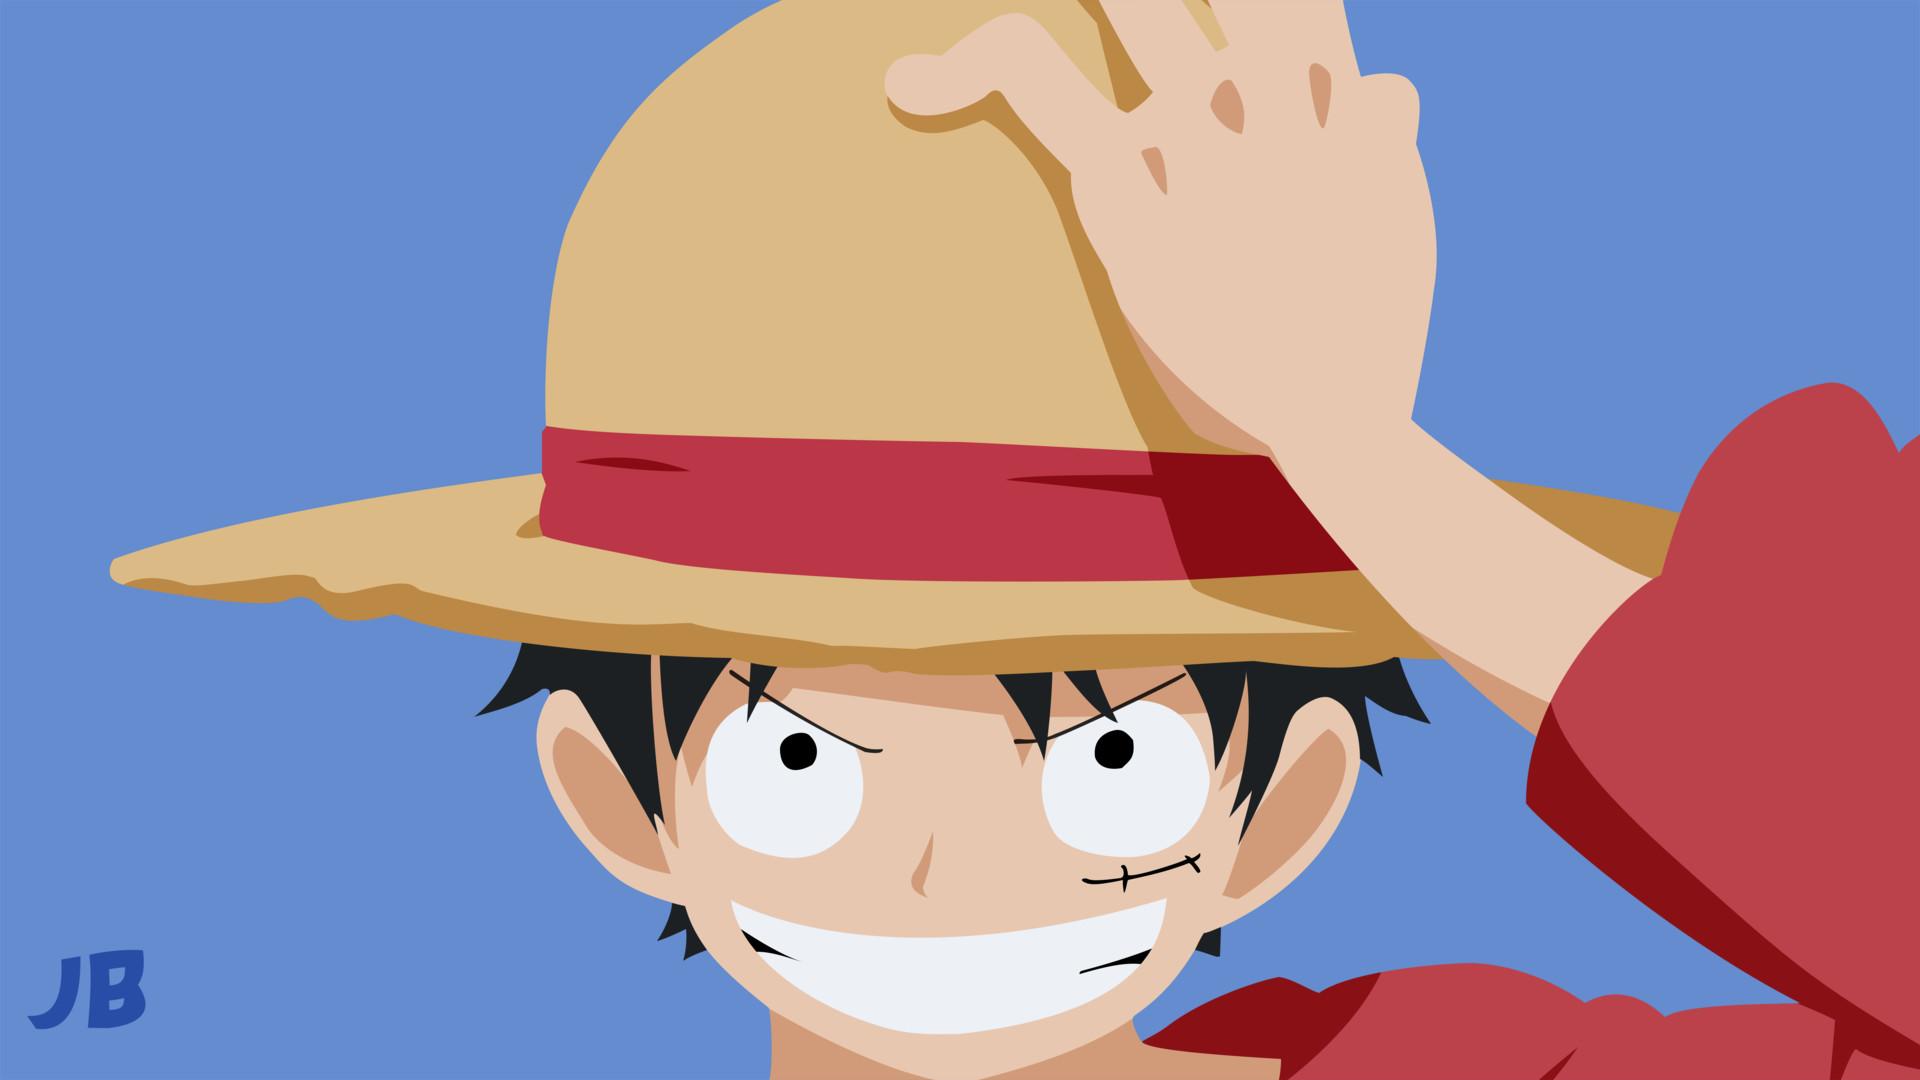 Jesus Borunda Monkey D Luffy From One Piece